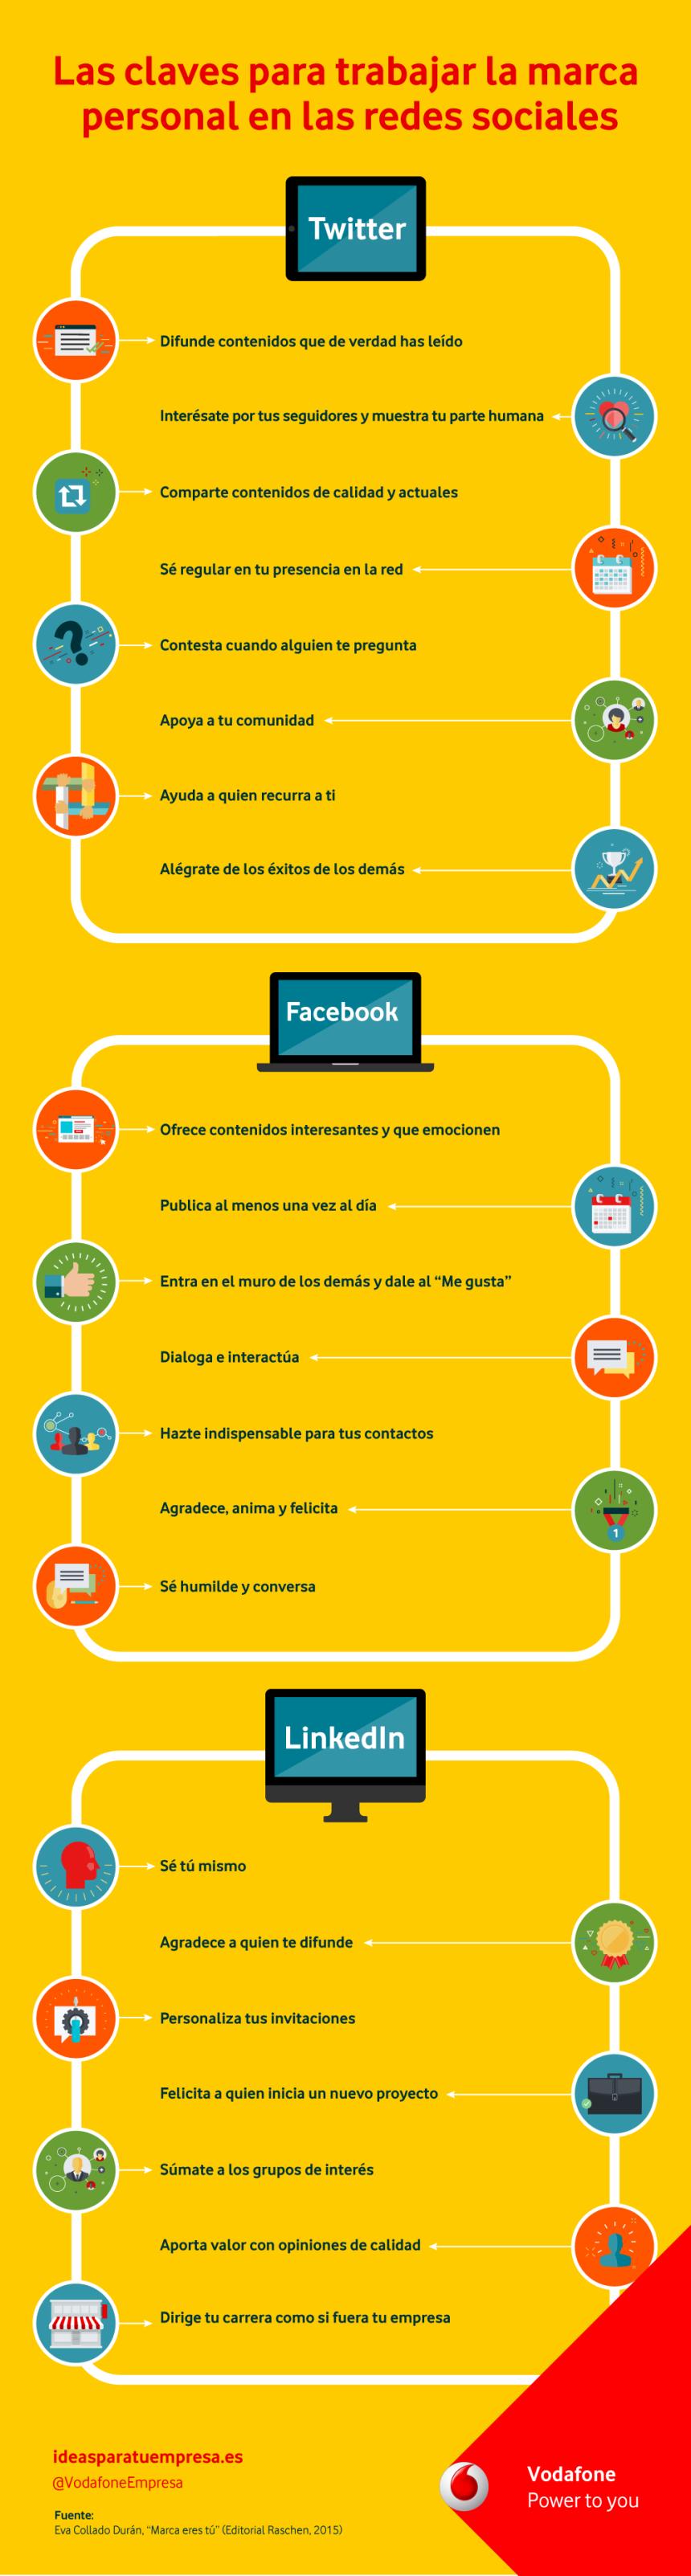 Claves para trabajar la Marca Personal en Redes Sociales